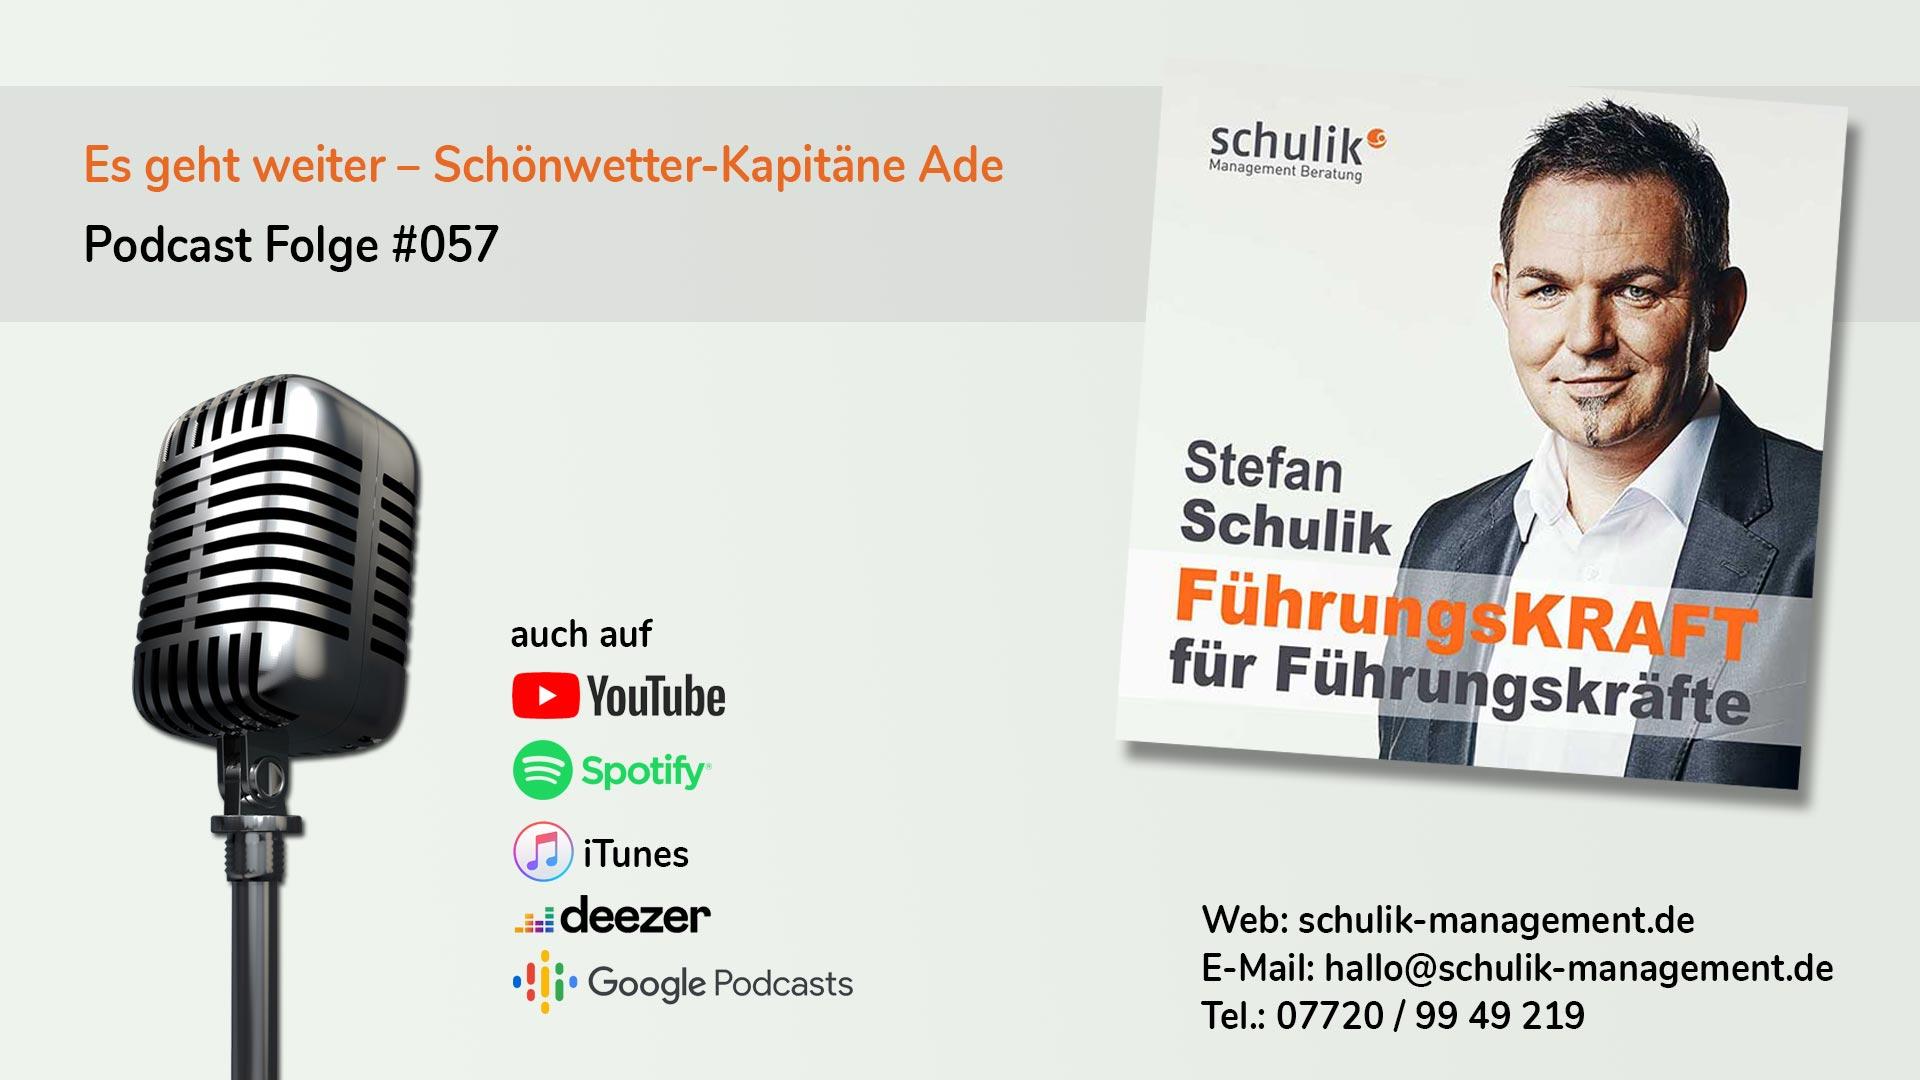 Es Geht Weiter – Schönwetter-Kapitäne Ade